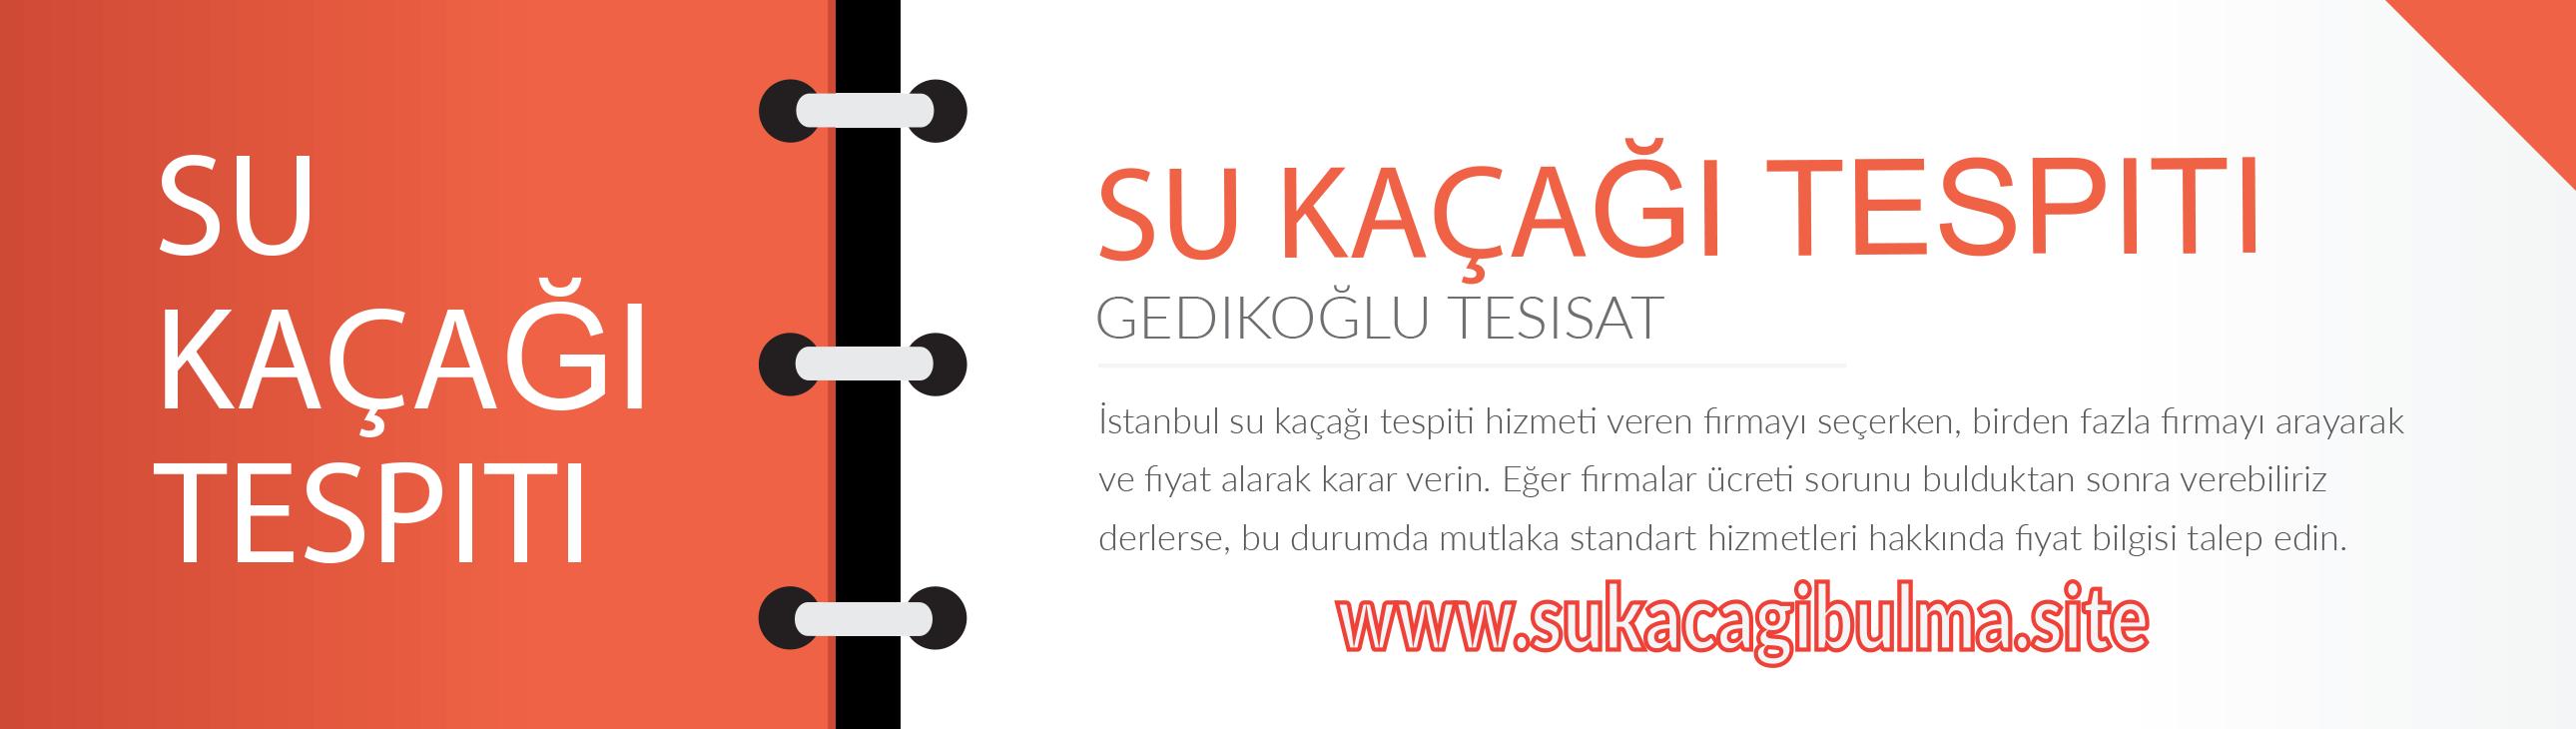 su_kacagi_tespiti_afis